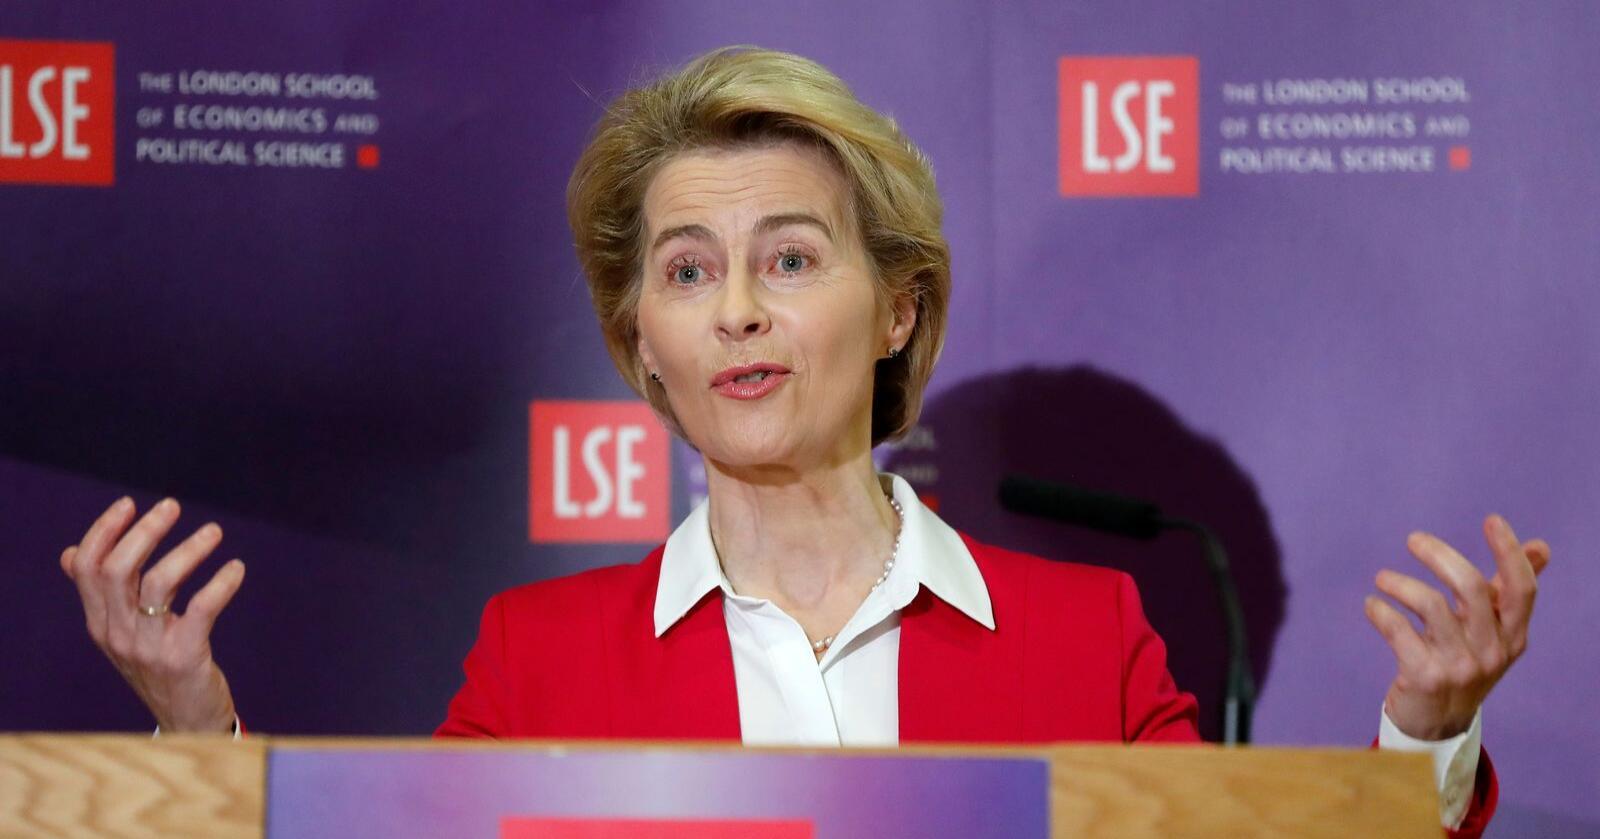 Ursula von der Leyen var tilbake på gamle tomter da hun holdt foredrag ved London School of Economics før onsdagens møte med Boris Johnson. Foto: Frank Augstein / AP / NTB scanpix